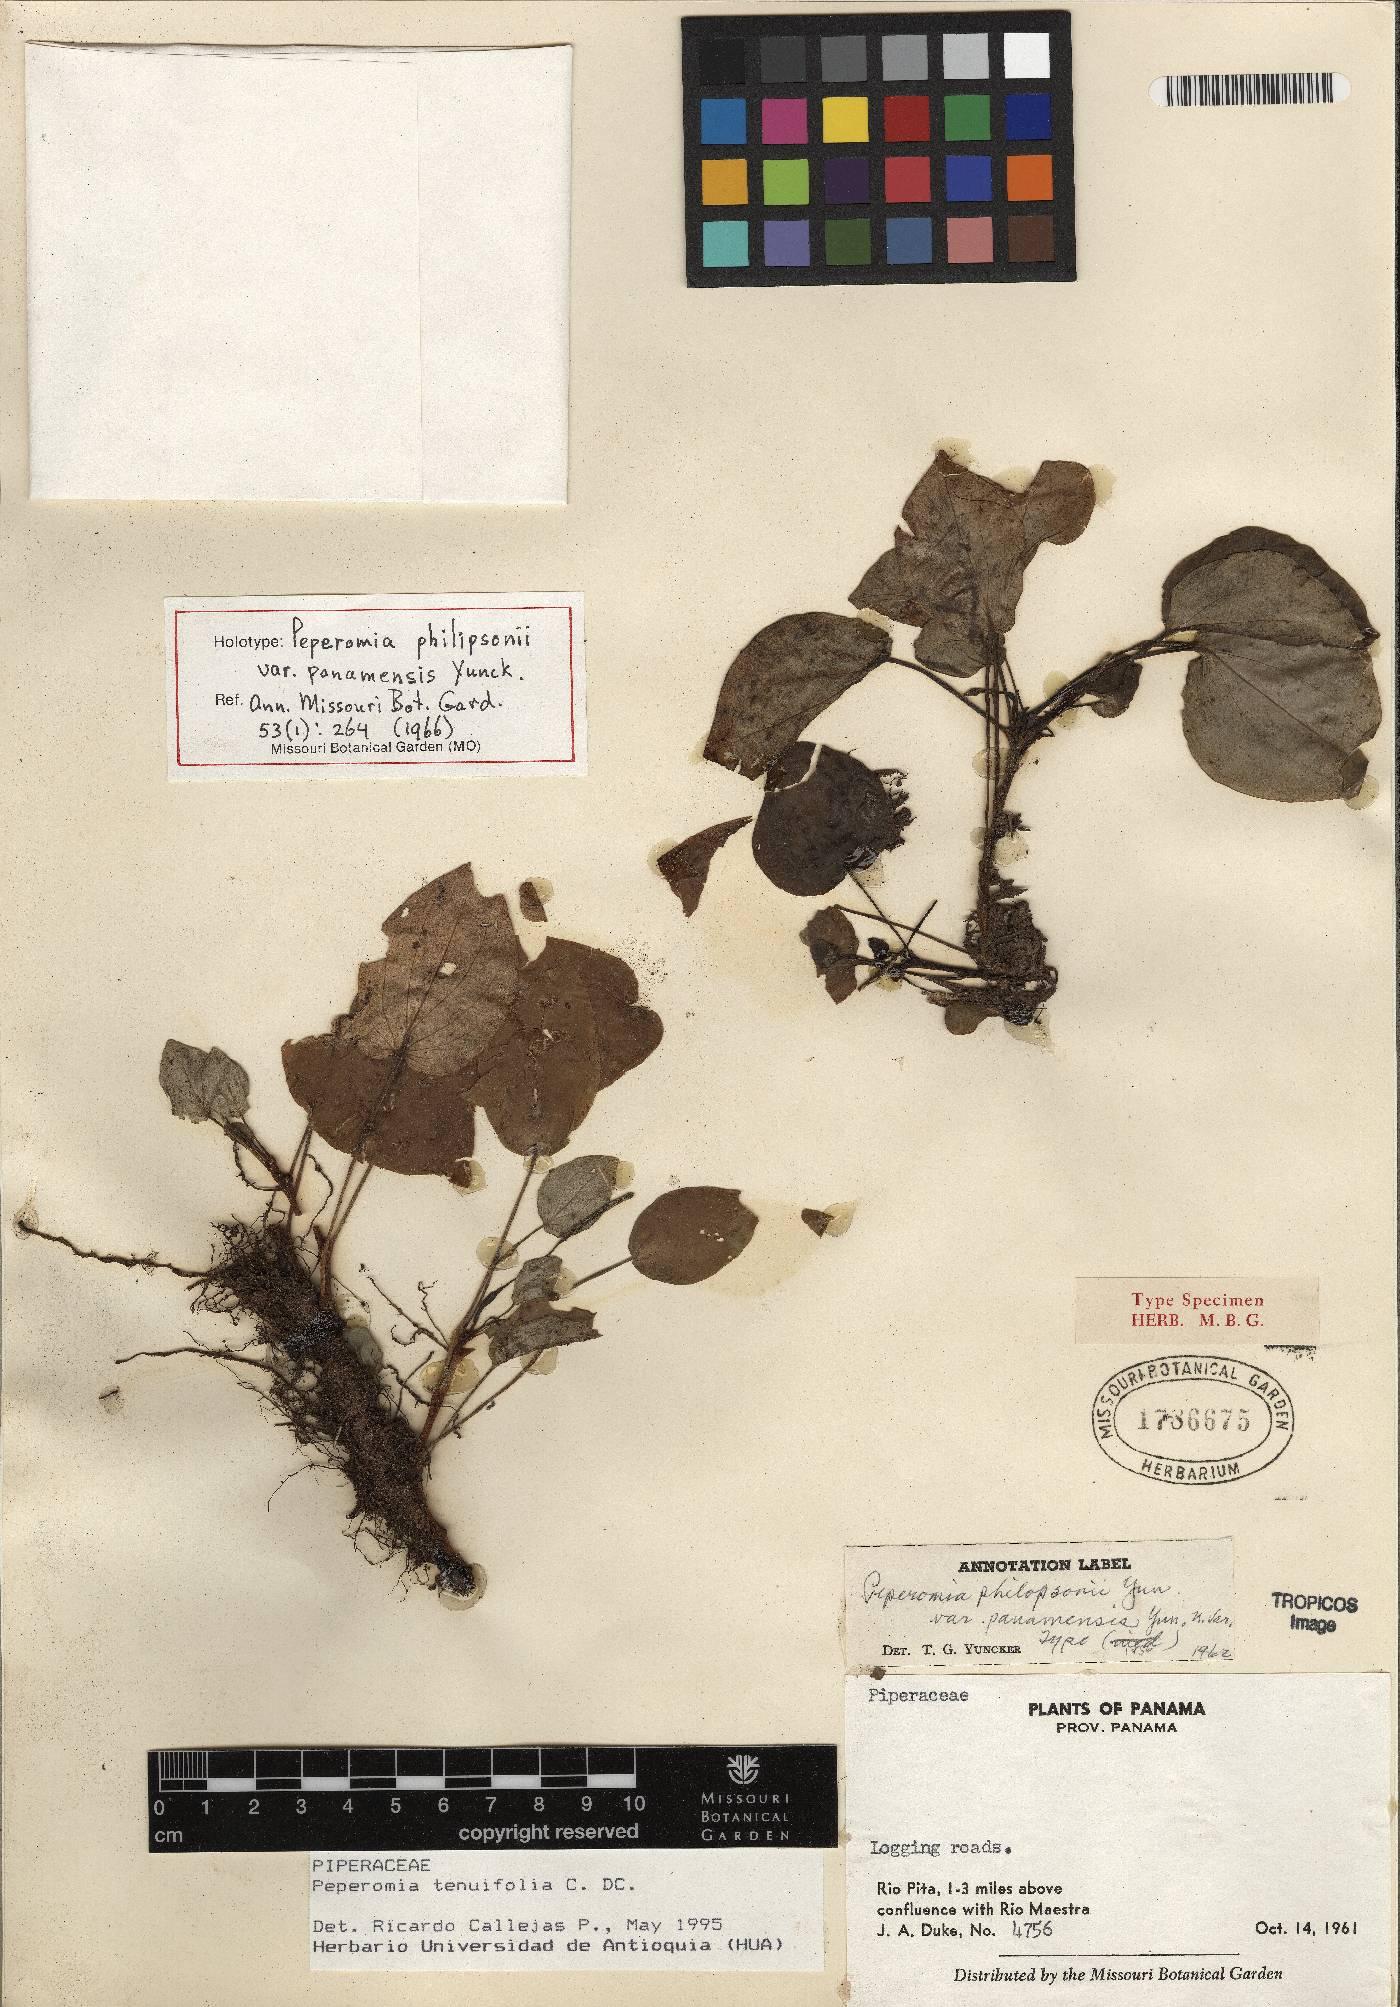 Peperomia tenuifolia image